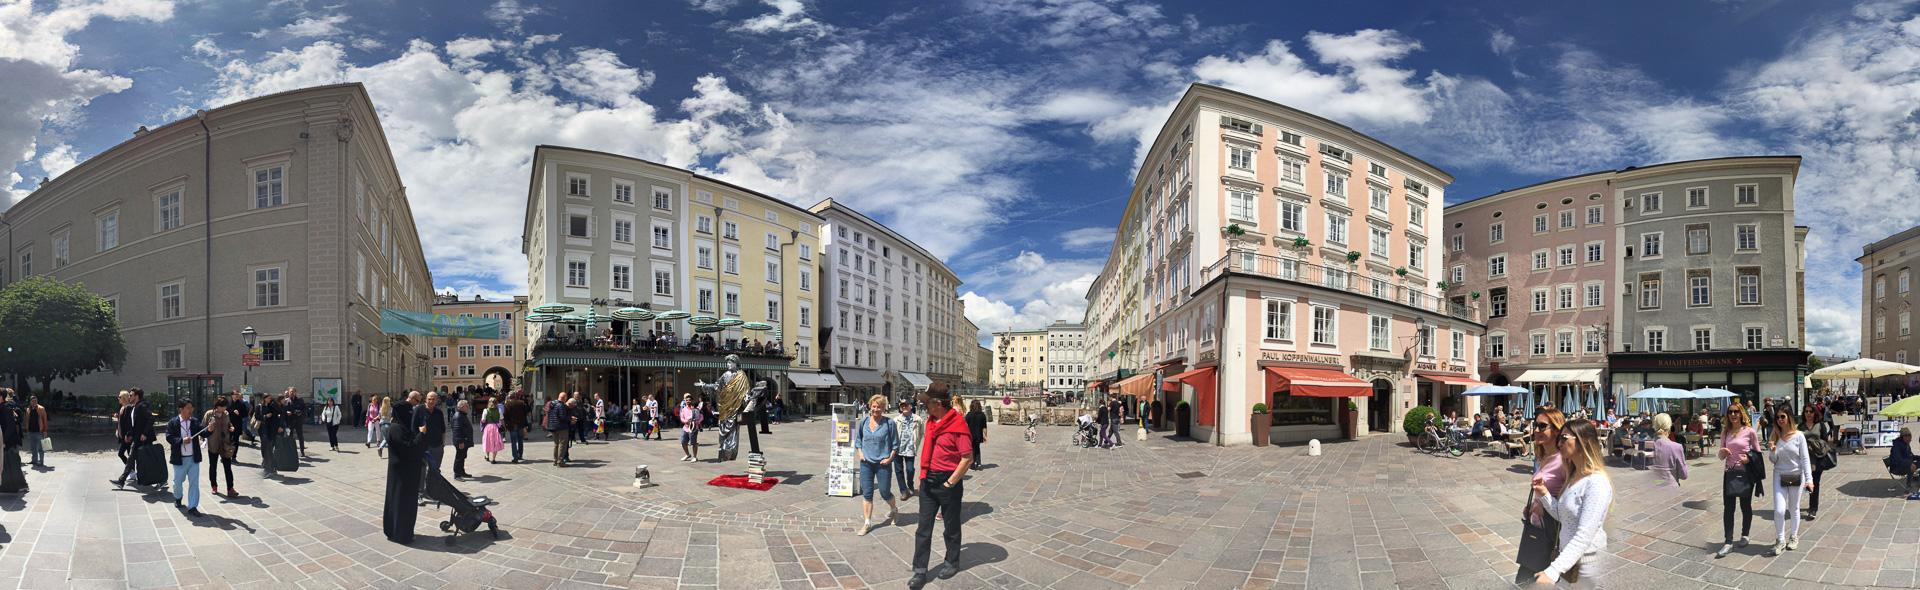 Salzburg auf Mozarts Spuren entdecken